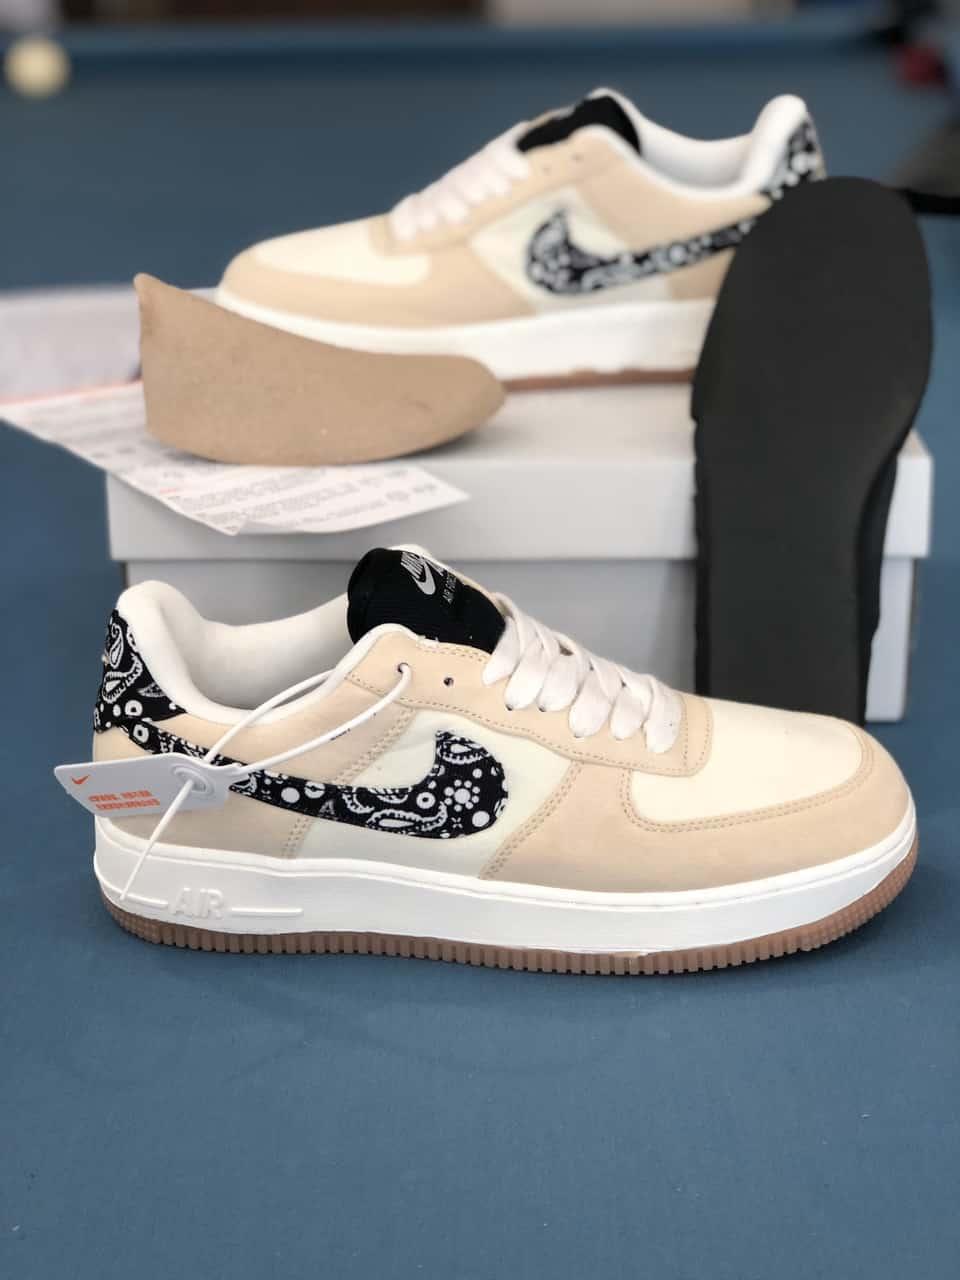 Đôi giày có gam màu nhẹ nhàng, tinh tế với các điểm nhấn nổi bật